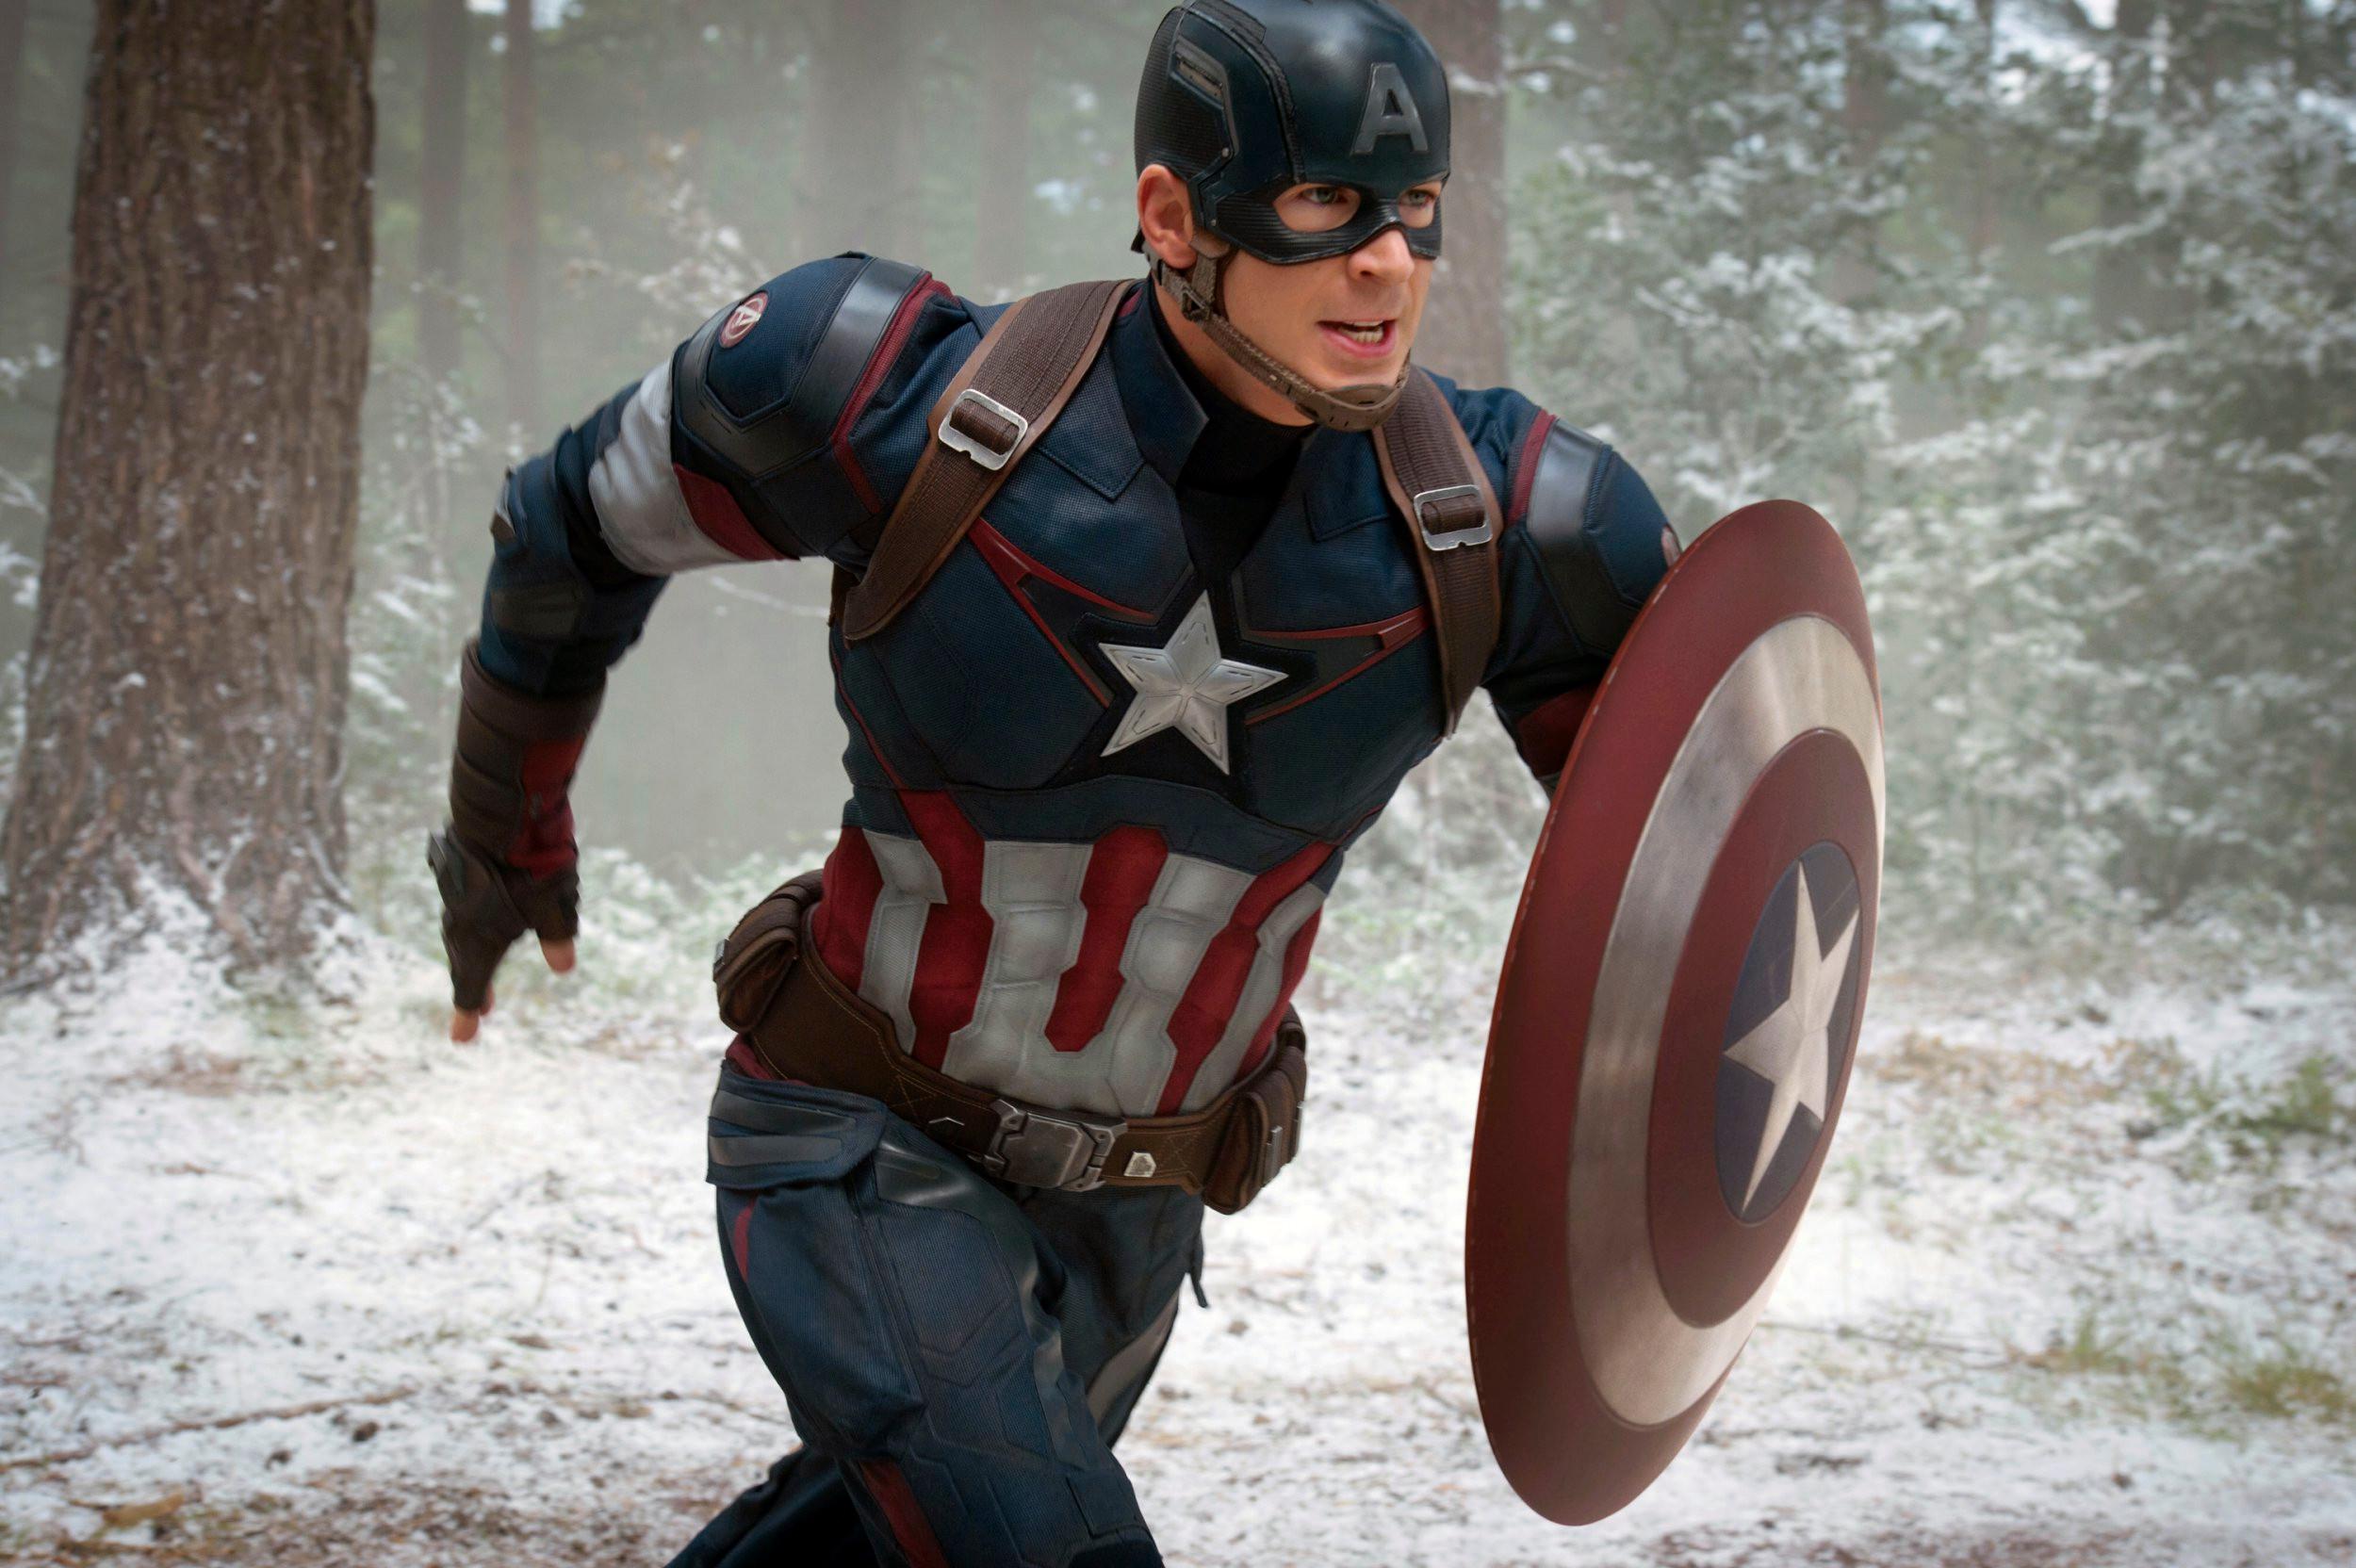 Will Steve Rogers return?